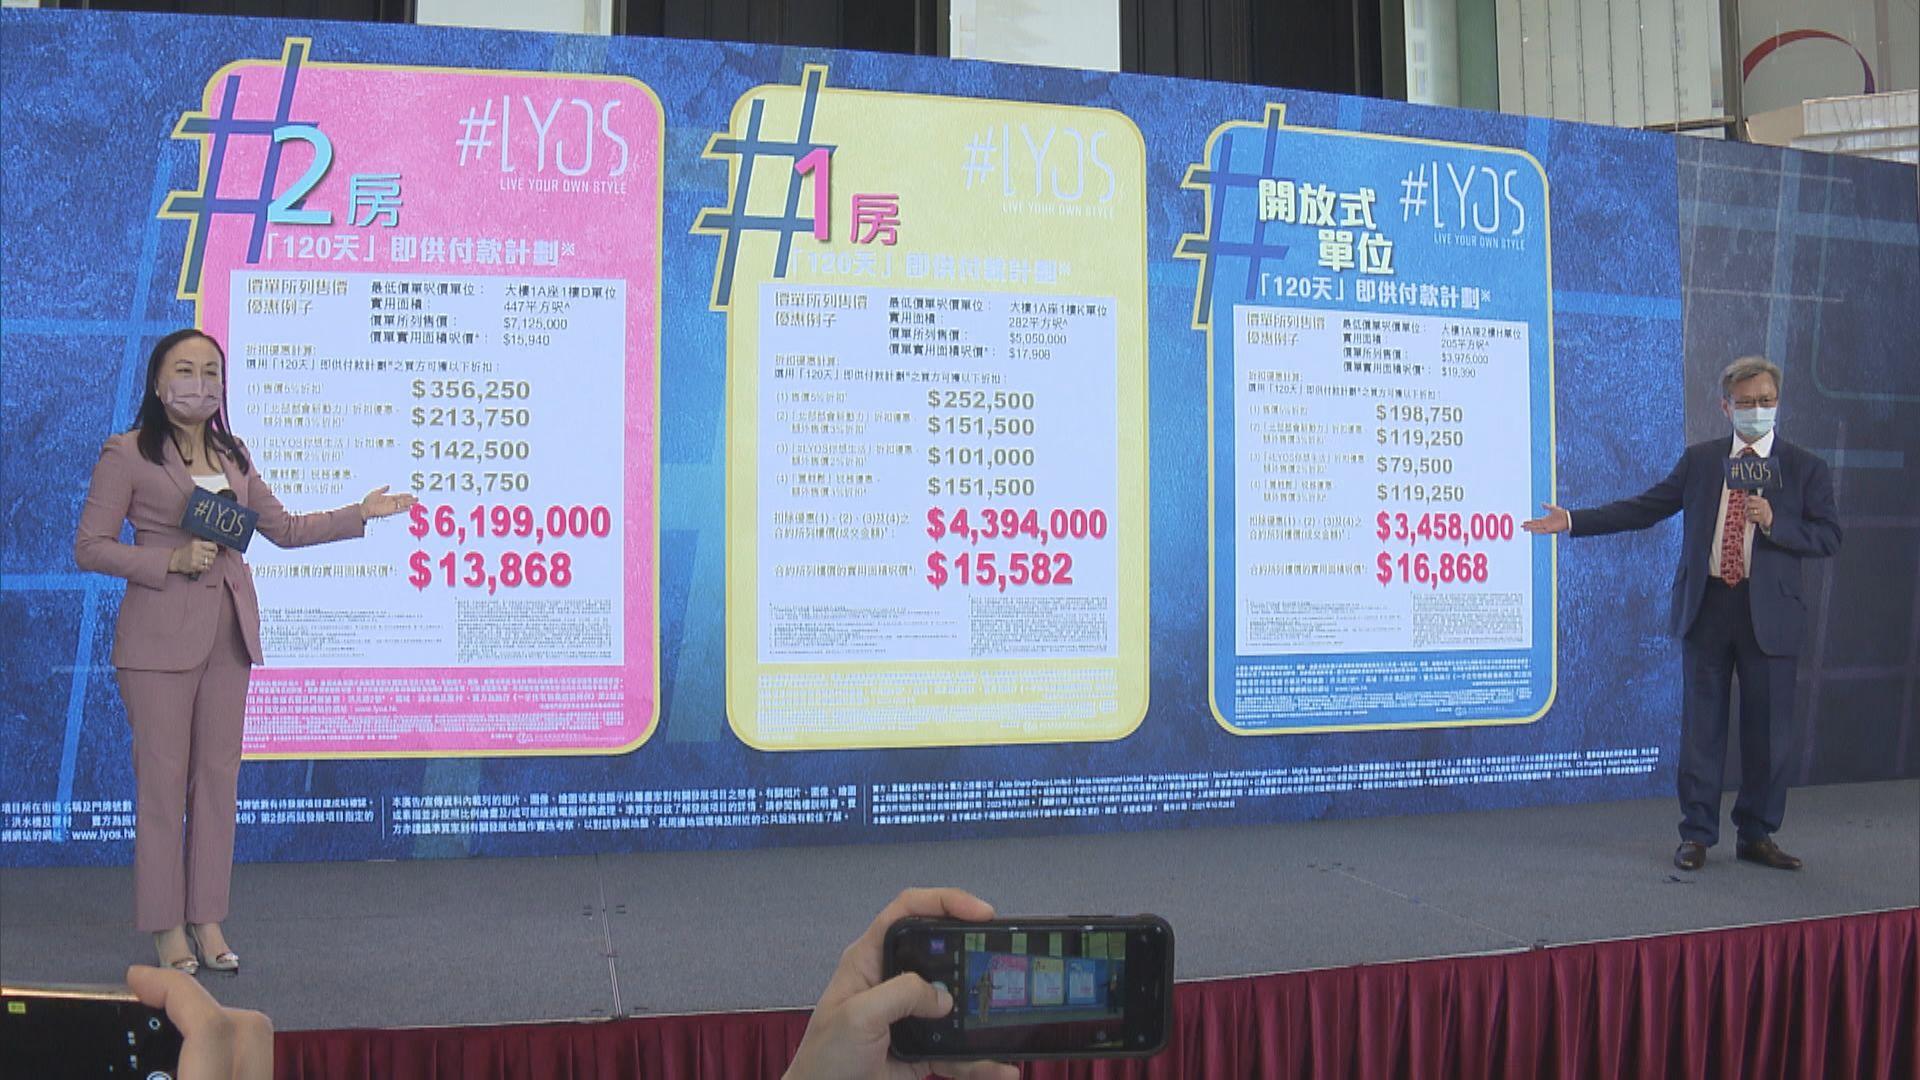 【洪水橋新盤】#LYO首批88伙 最平開放式賣346萬